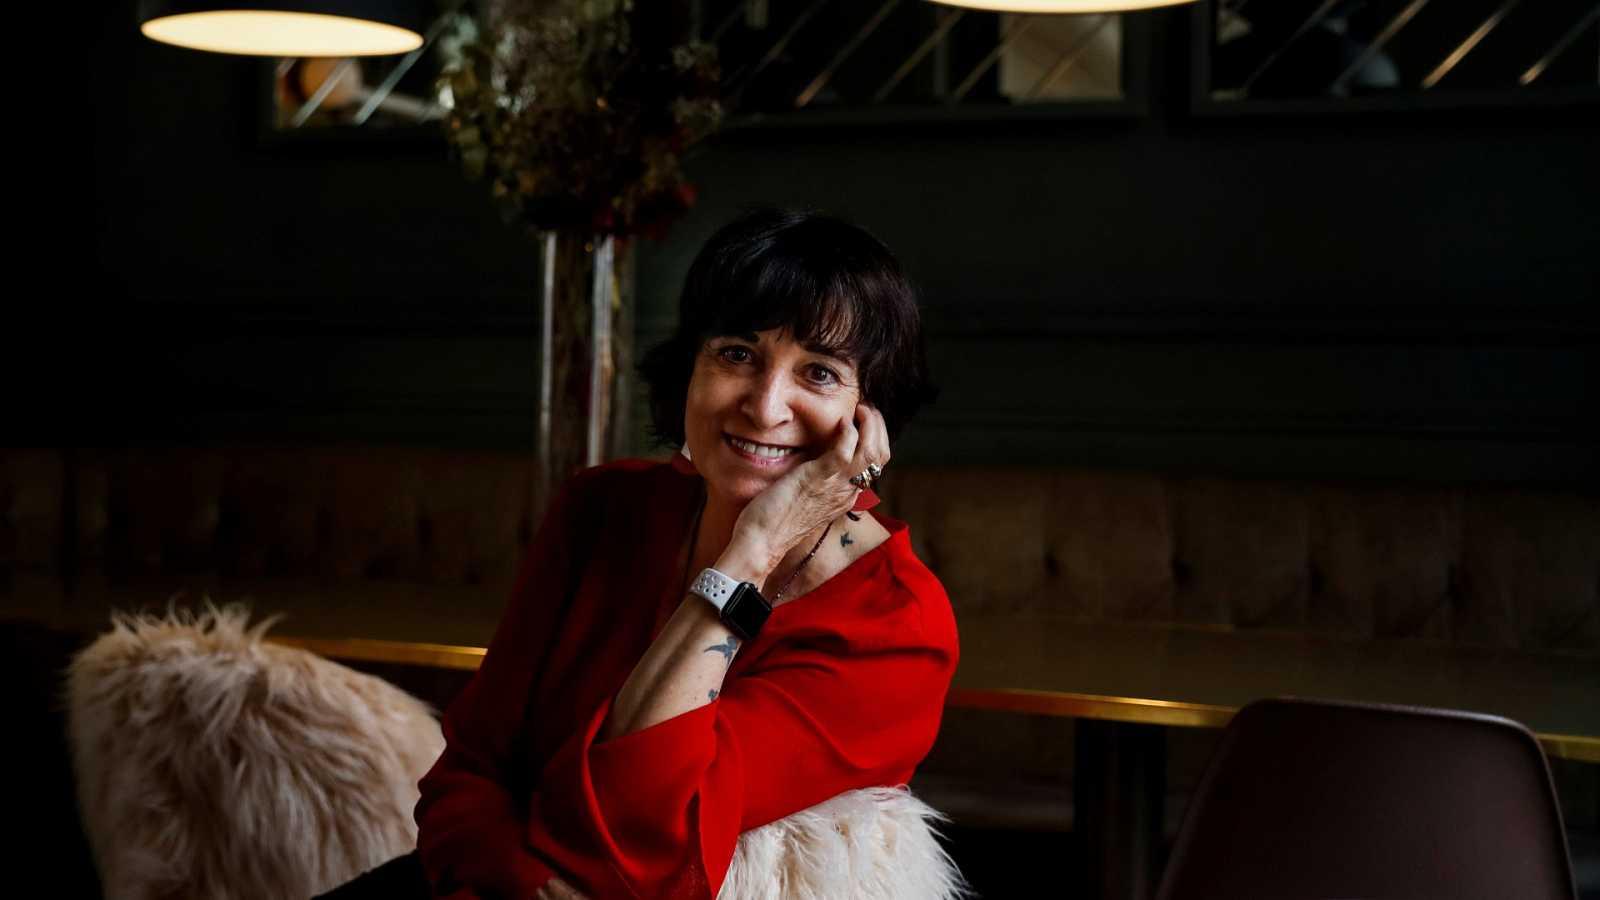 El ojo crítico - 'La buena suerte', con Rosa Montero - 04/09/20 - escuchar ahora